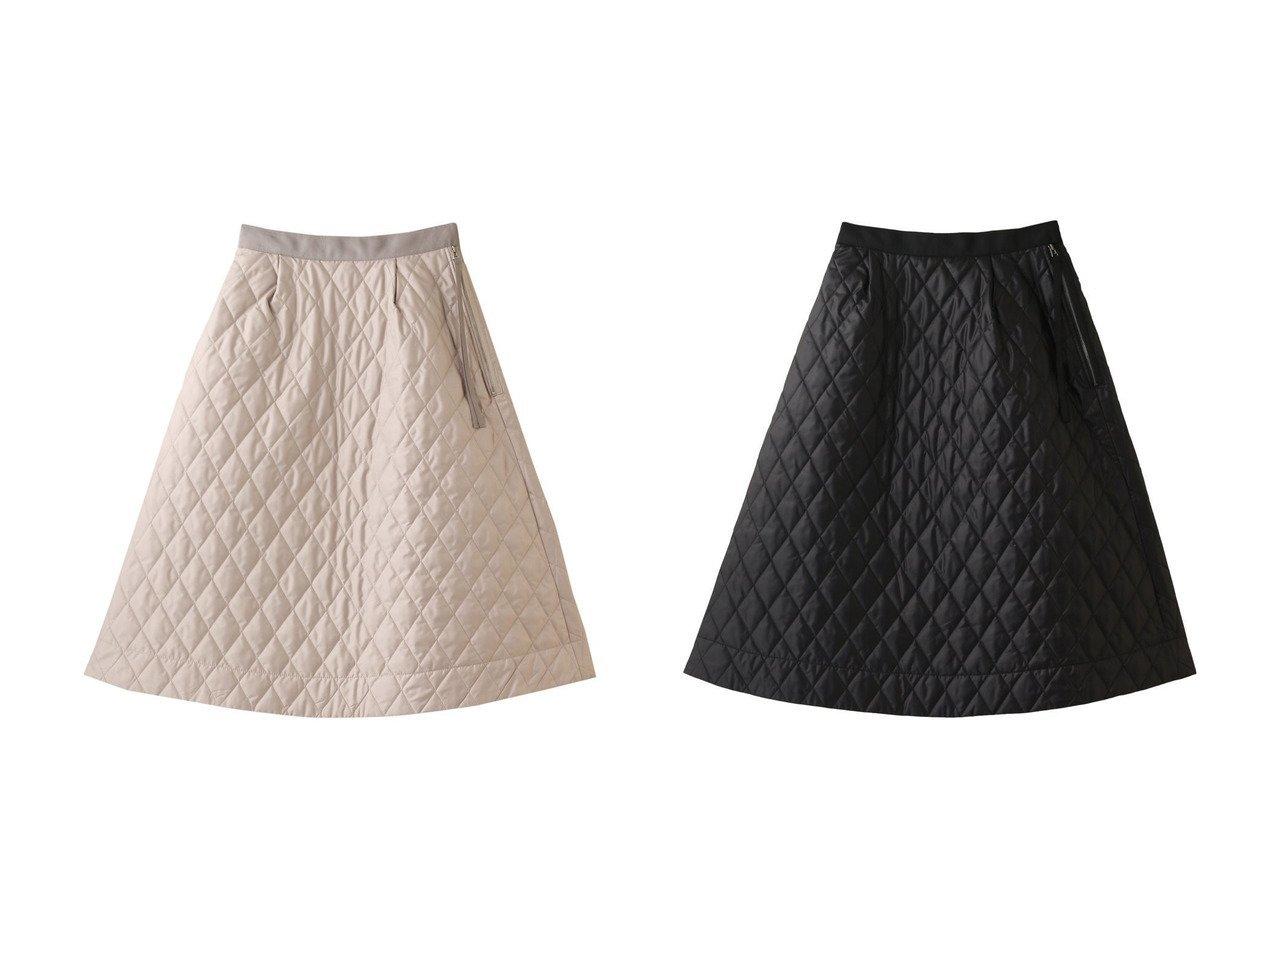 【LANVIN en Bleu/ランバン オン ブルー】のキルティングスカート 【スカート】おすすめ!人気、トレンド・レディースファッションの通販 おすすめで人気の流行・トレンド、ファッションの通販商品 インテリア・家具・メンズファッション・キッズファッション・レディースファッション・服の通販 founy(ファニー) https://founy.com/ ファッション Fashion レディースファッション WOMEN スカート Skirt ロングスカート Long Skirt A/W・秋冬 AW・Autumn/Winter・FW・Fall-Winter キルティング グログラン リボン ロング |ID:crp329100000069136